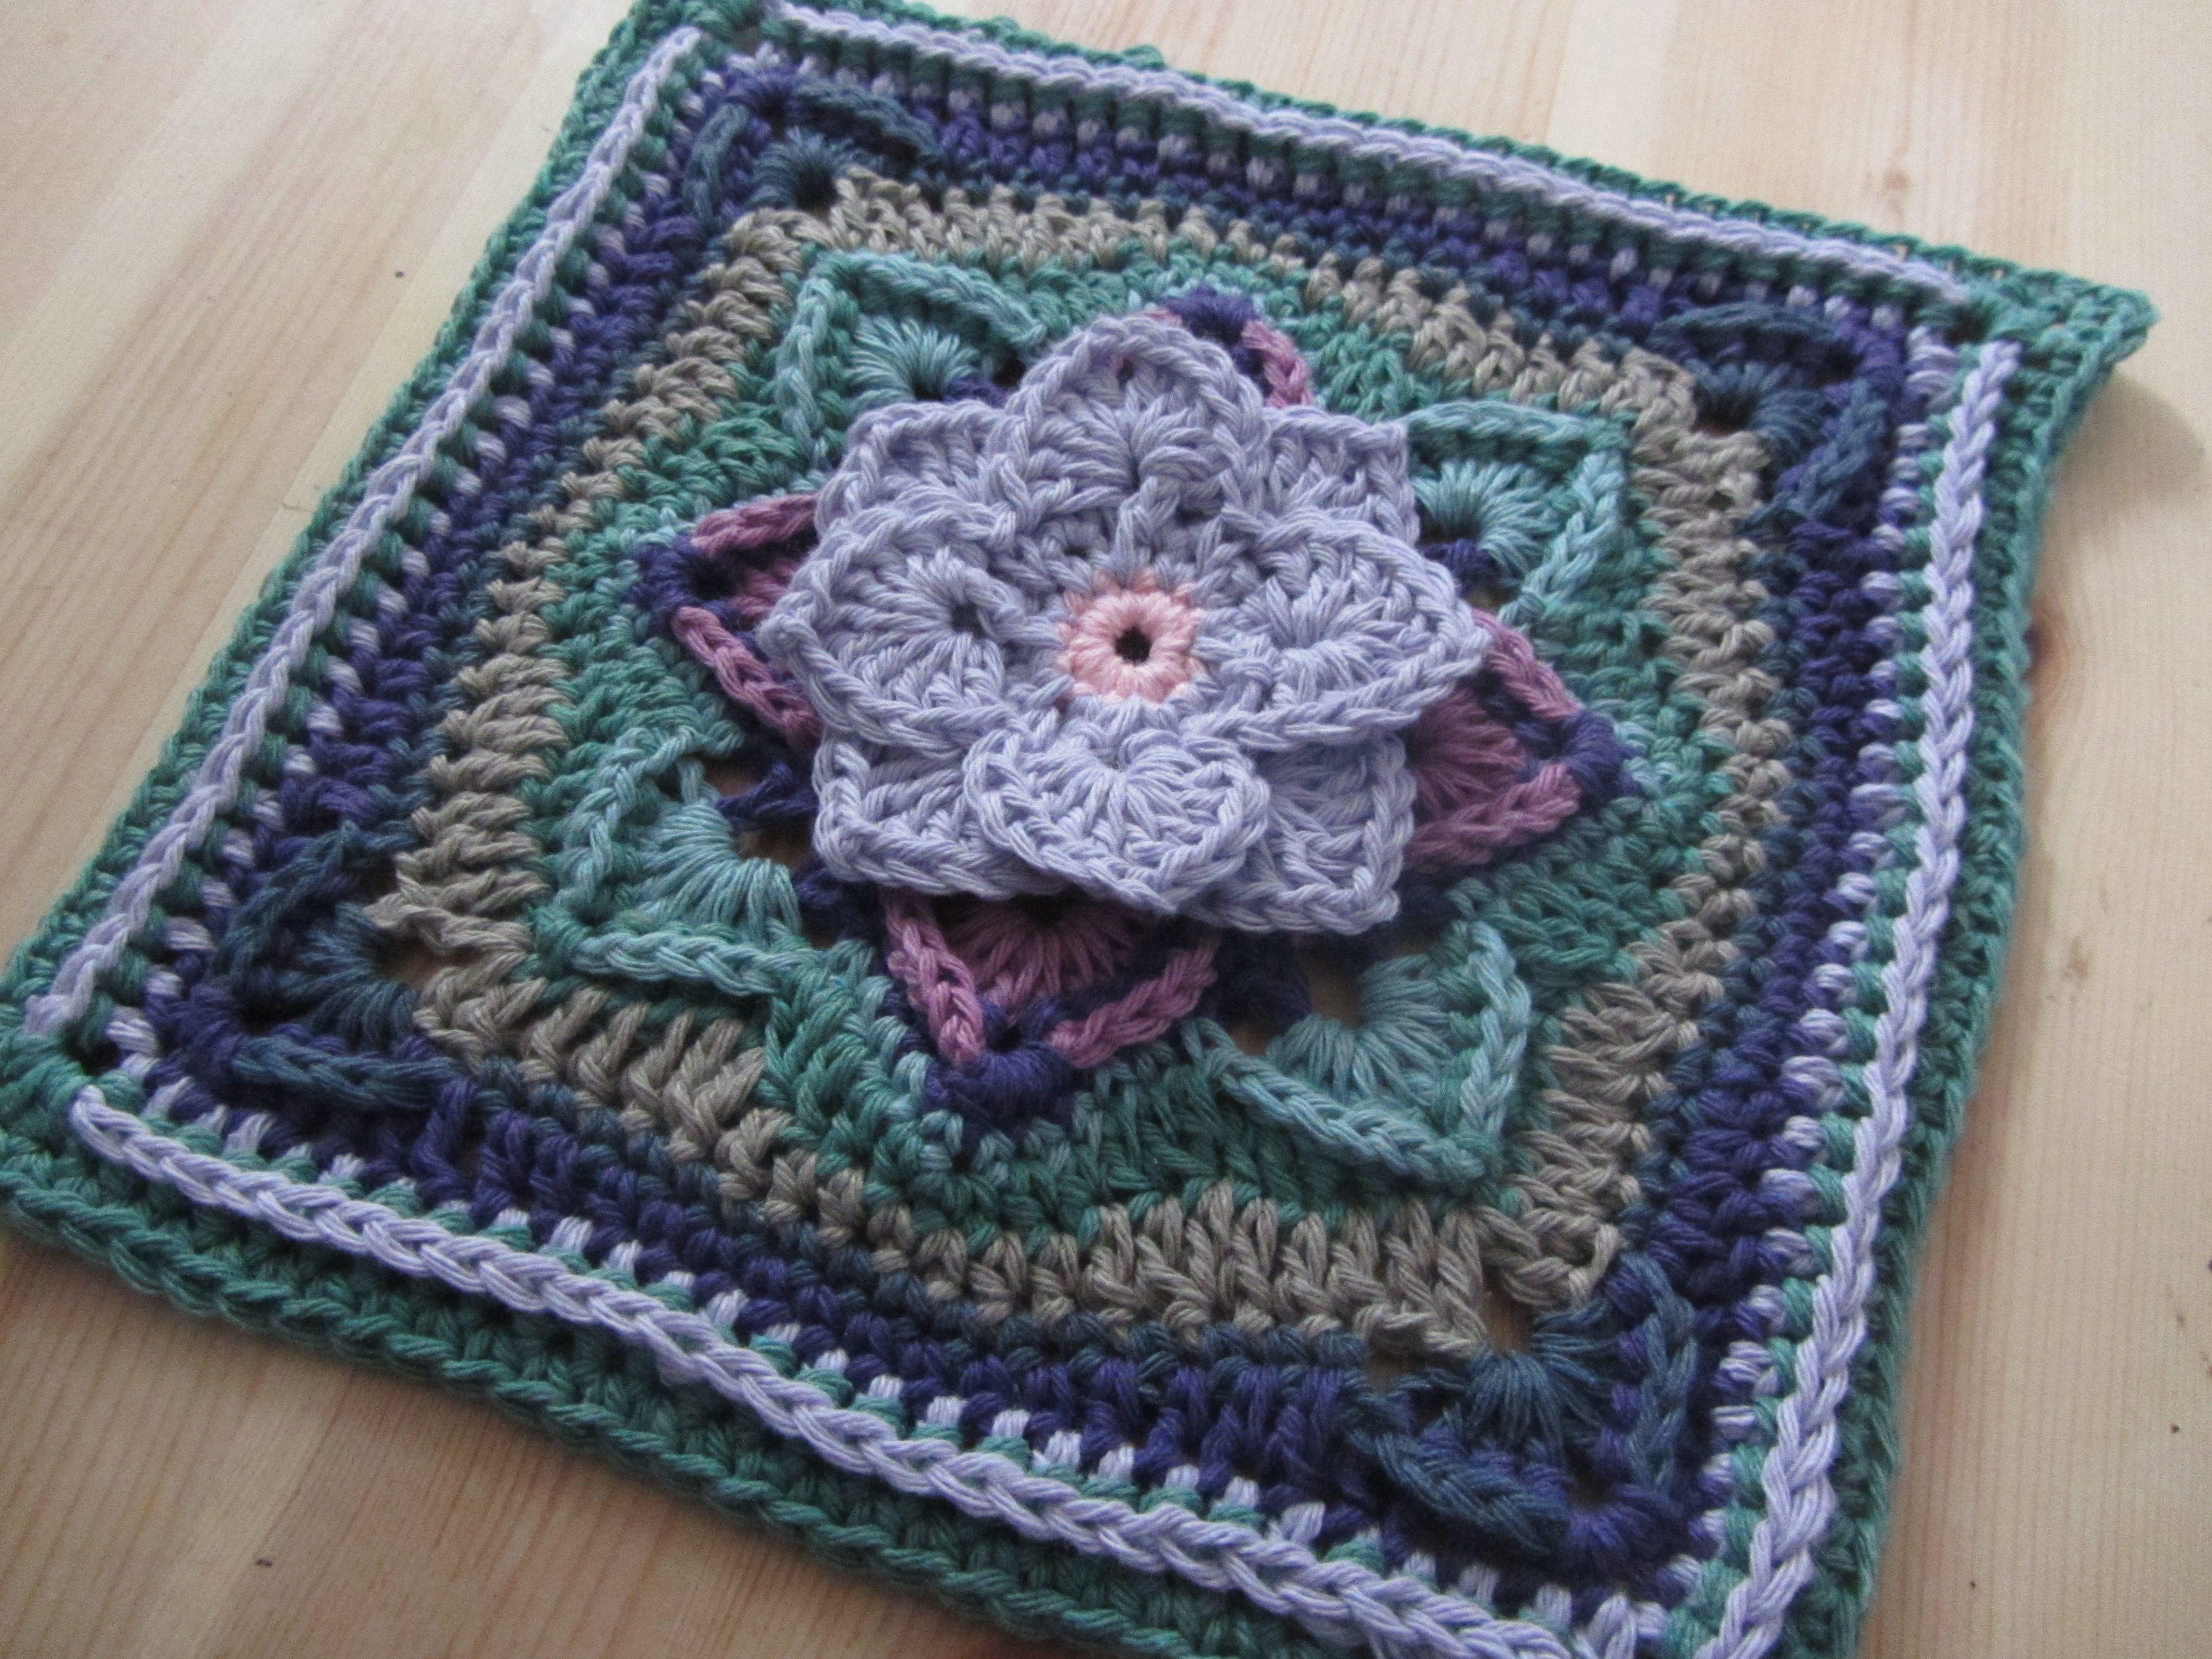 Demelza Blanket 3d Flower Square Crochet Blanket Patterns Crochet Squares Afghan Crochet